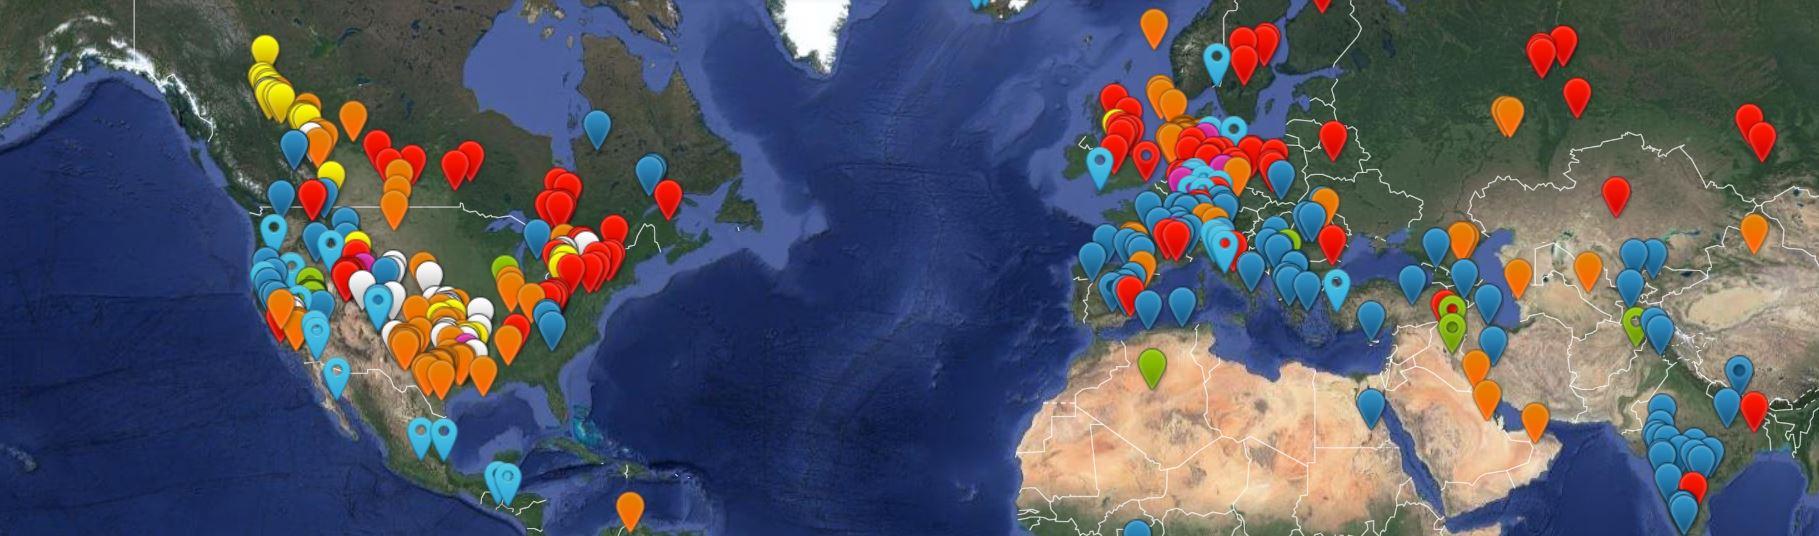 Mapa parcial de terremotos en el mundo. Fuente: HiQuake